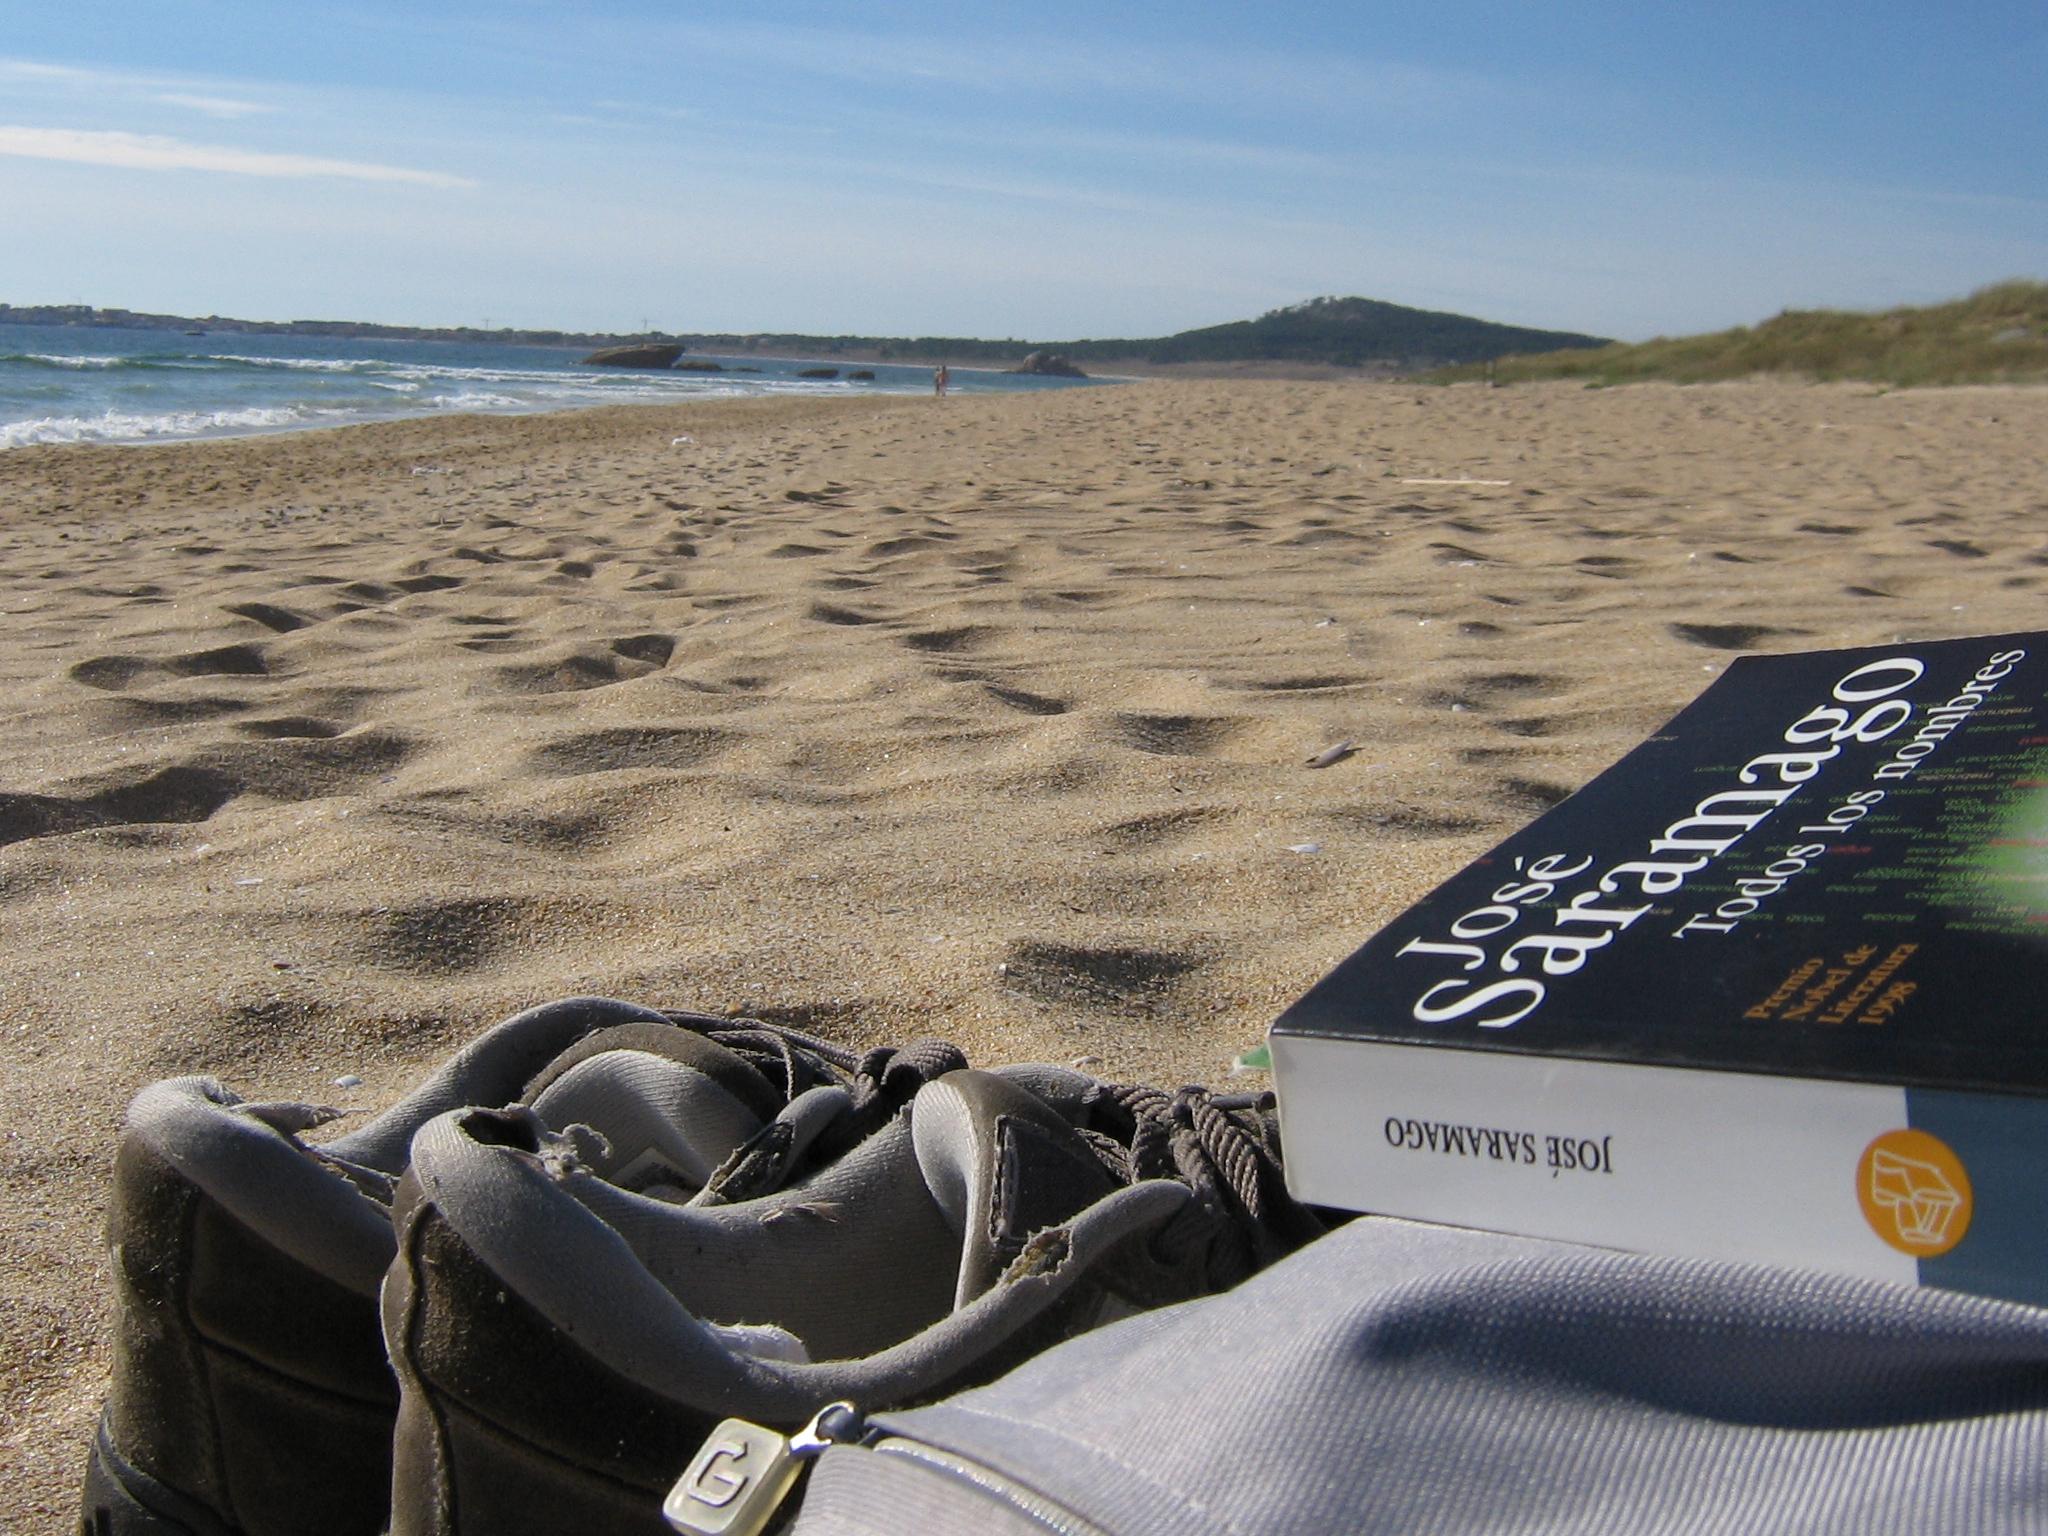 Aunque no es de las más cercanas a Compostela, merece la pena hacer una escapada a la playa de O Vilar (Ribeira) - FOTO: Sporras